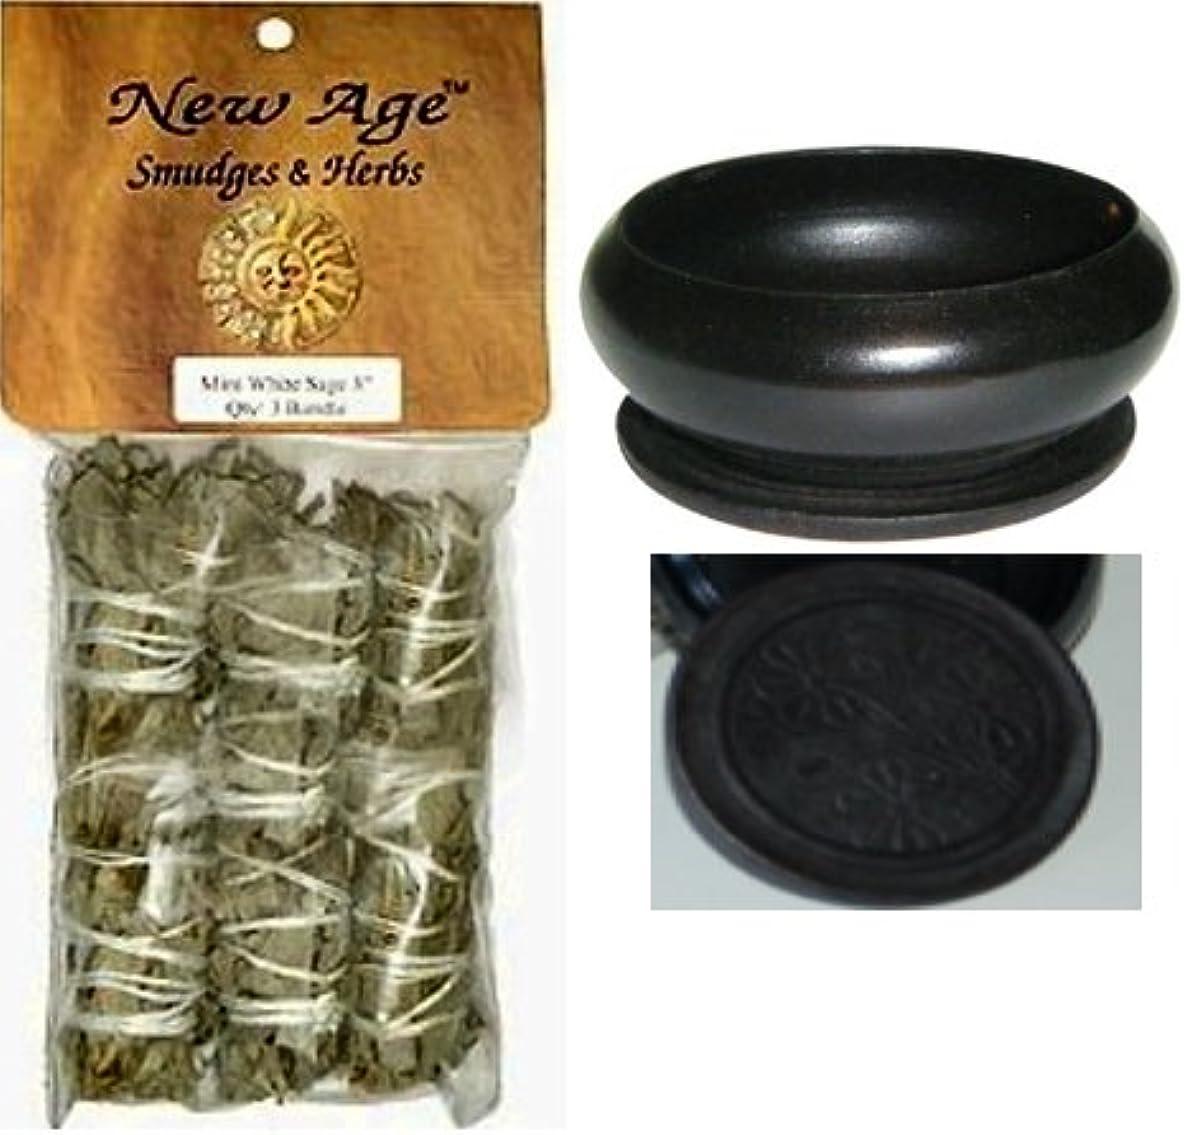 膜裁判所正統派【並行輸入品】New Age 3 Pack Smudge Cedar Sage White Sage and Blue Sage Set with 'Uplifiting Therapies' Black Smudge...